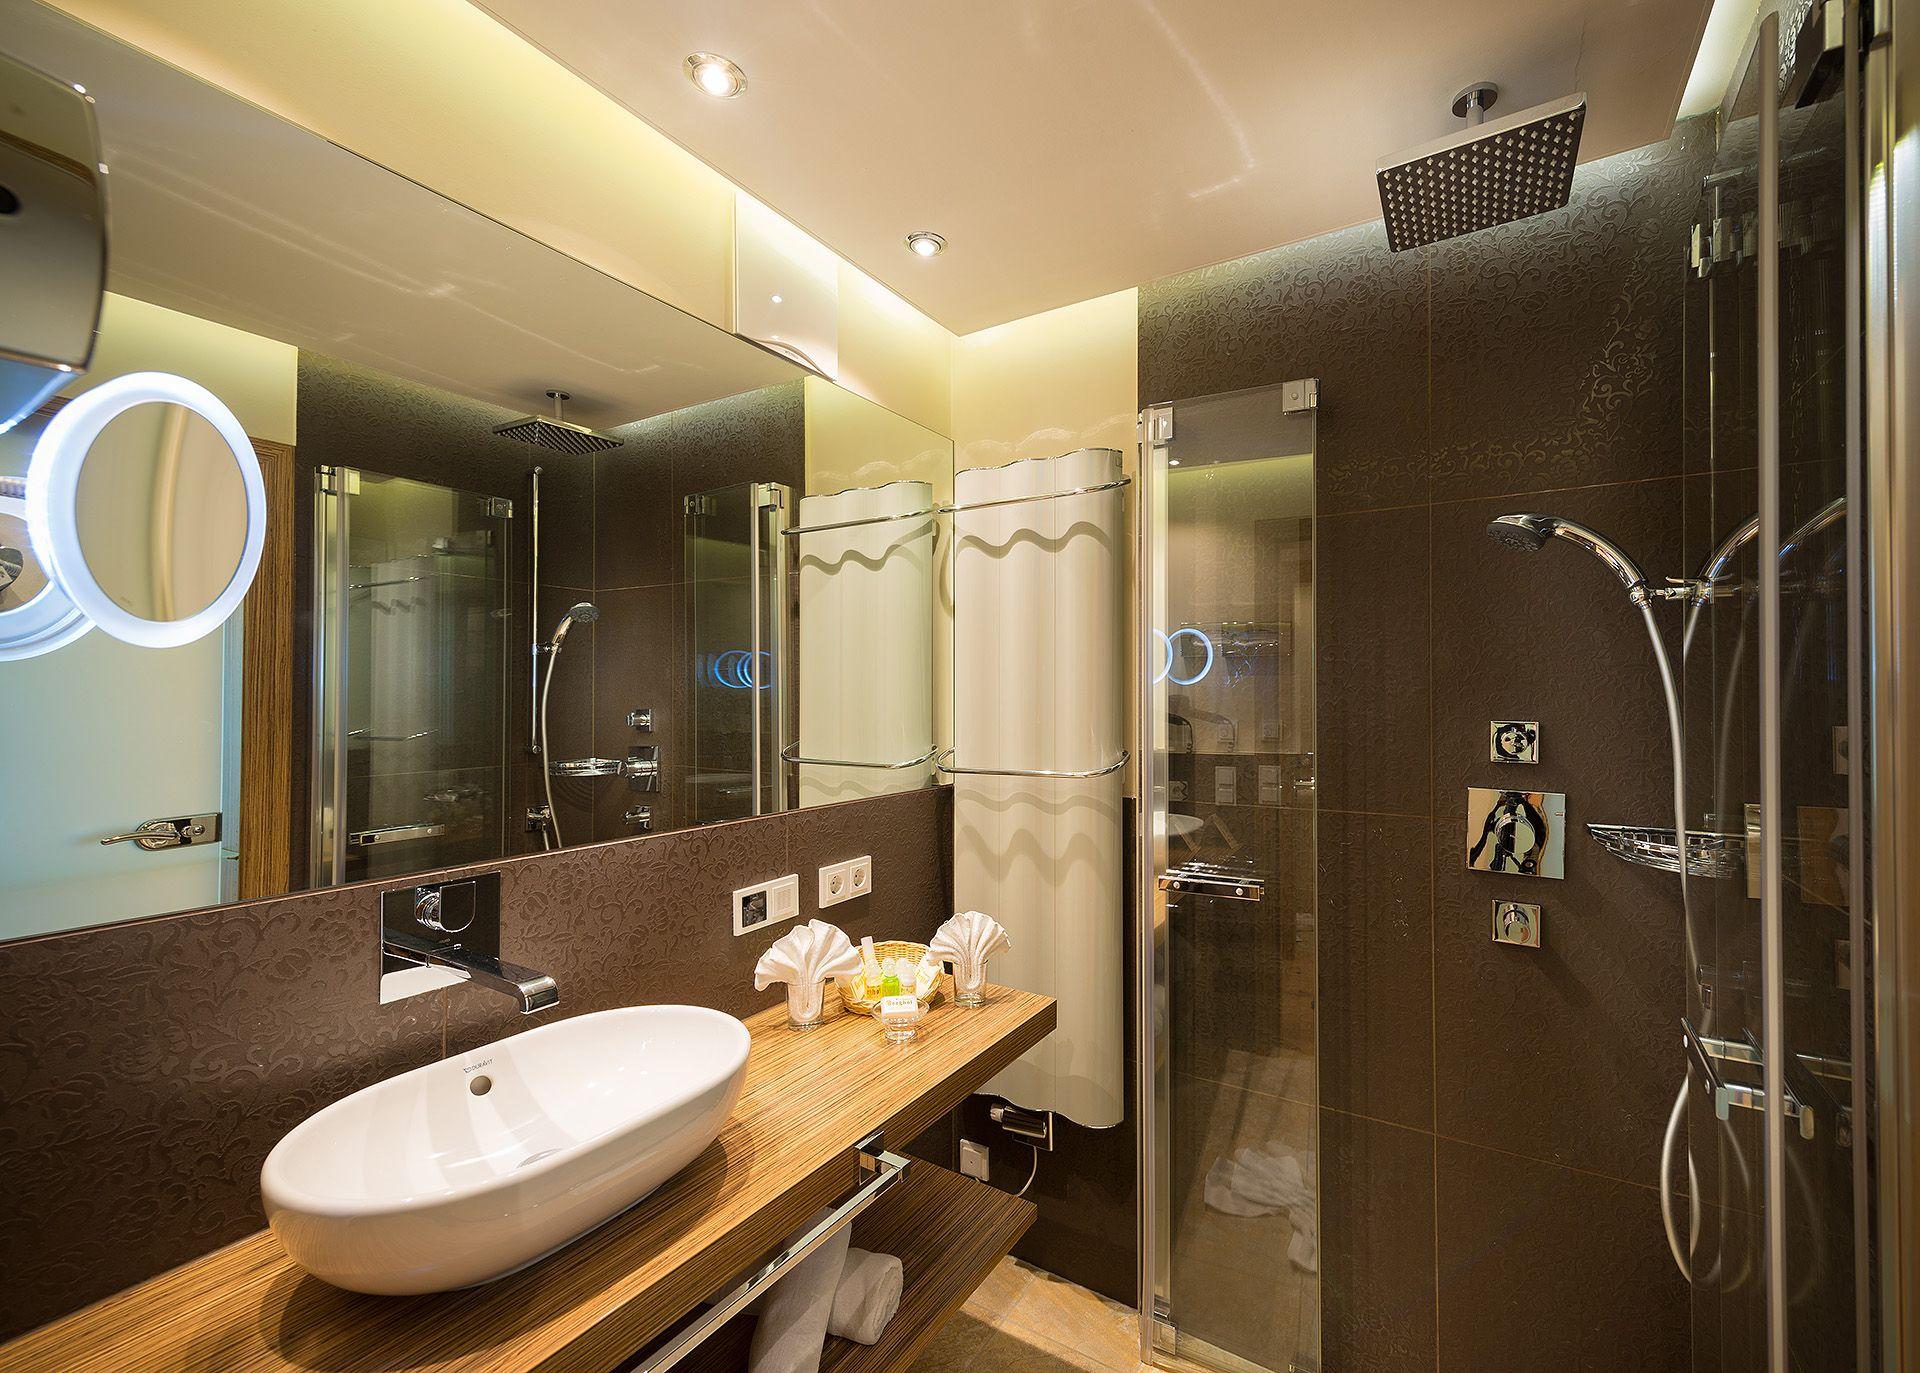 Badezimmer fotos ~ Neue junior suiten badezimmer verwöhnhotel berghof sterne